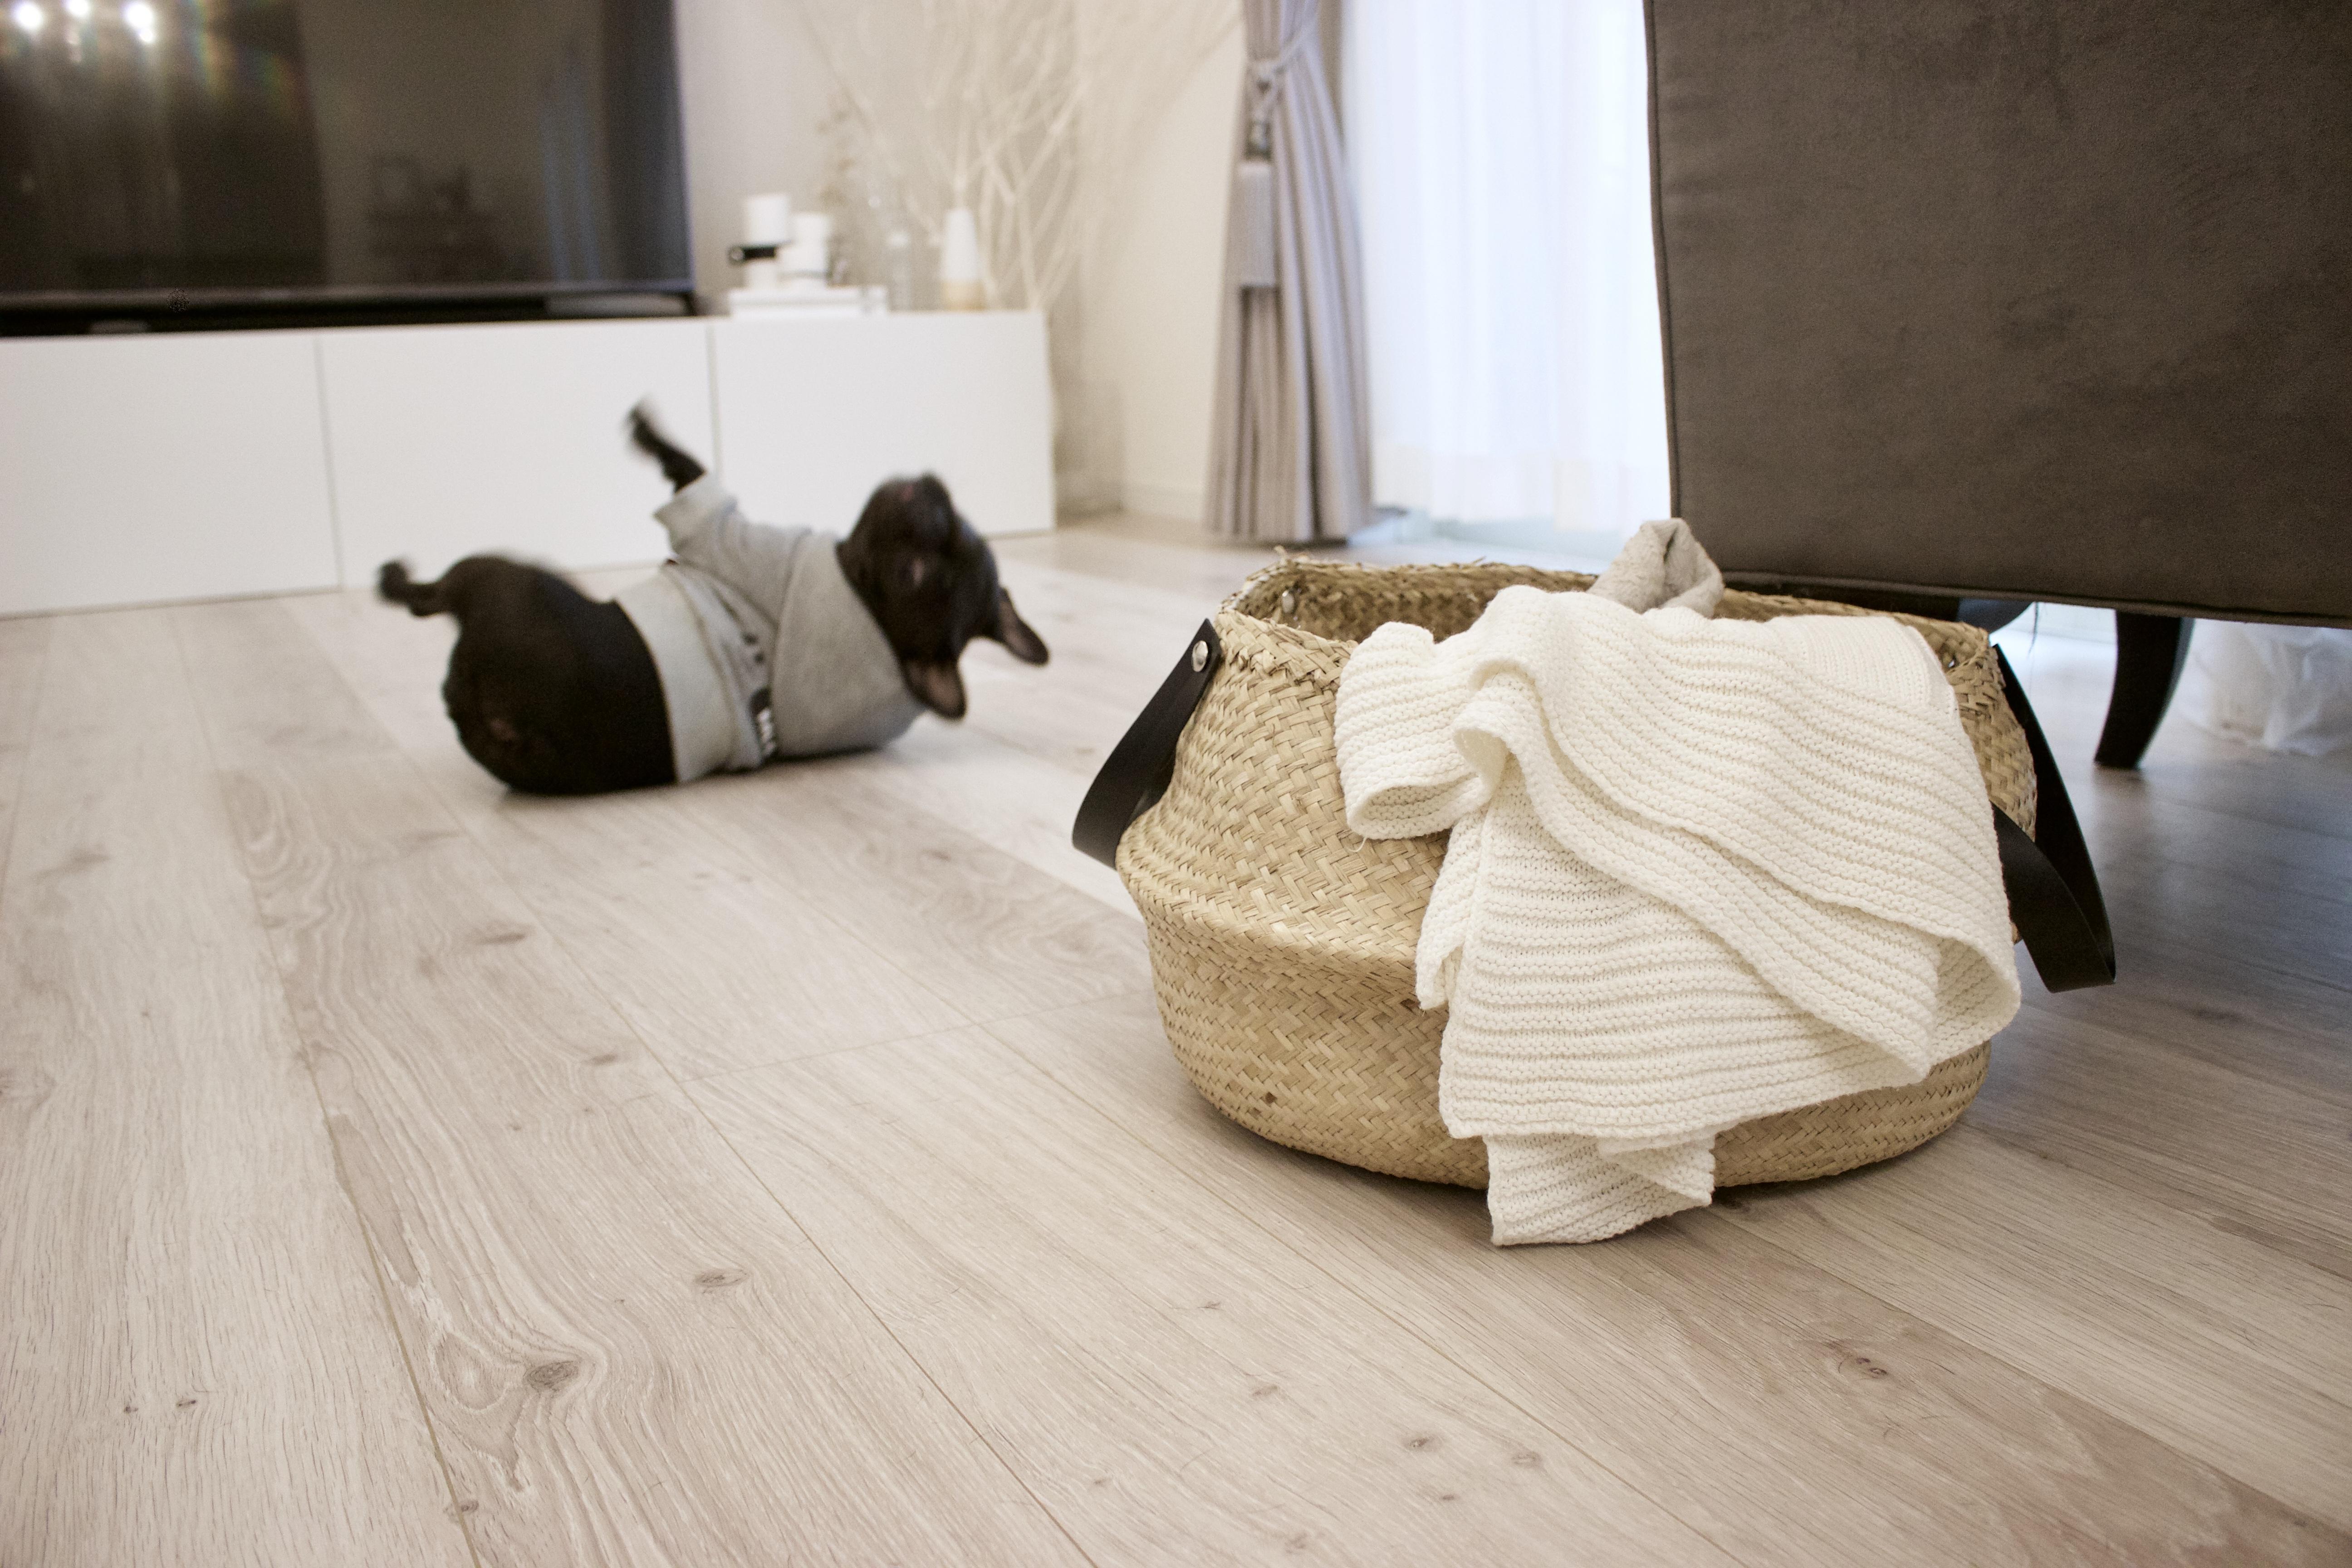 革ベルトのリメイクアイデア色々*IKEAのアイテムもちょっとオシャレに!